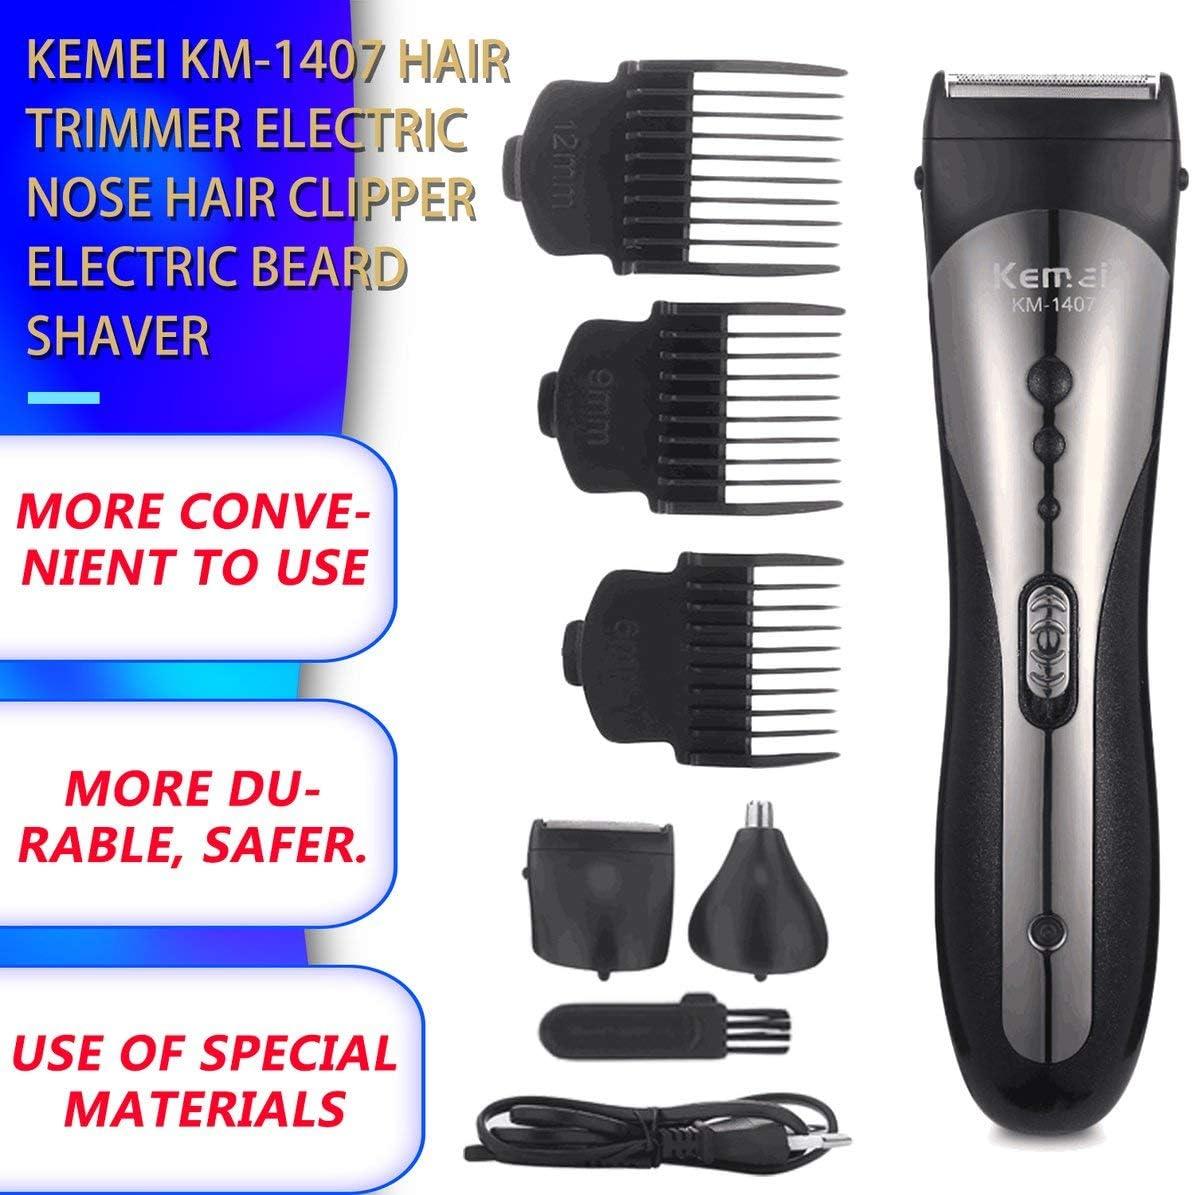 KEMEI KM-1407 Cortadora de cabello multifuncional Cortadora de ...